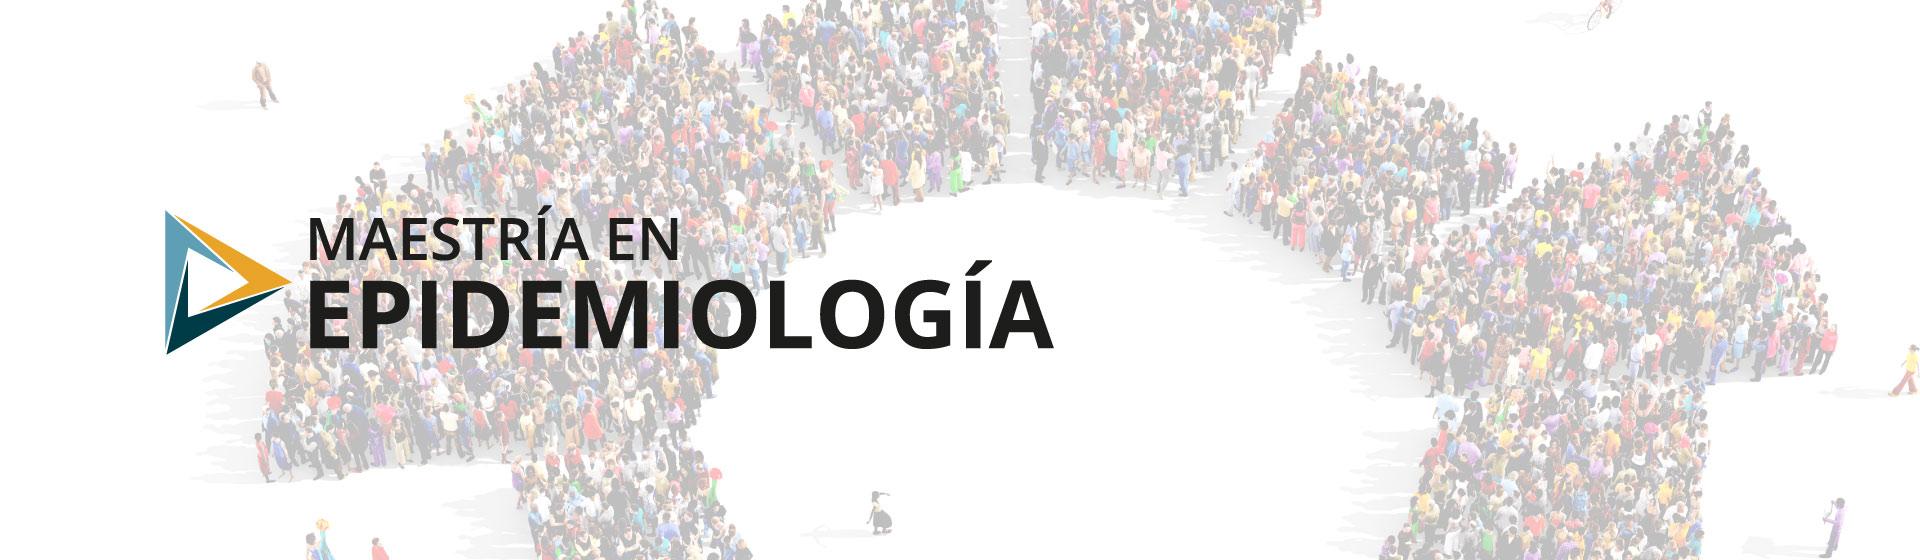 Inscripciones abiertas Maestría en Epidemiología